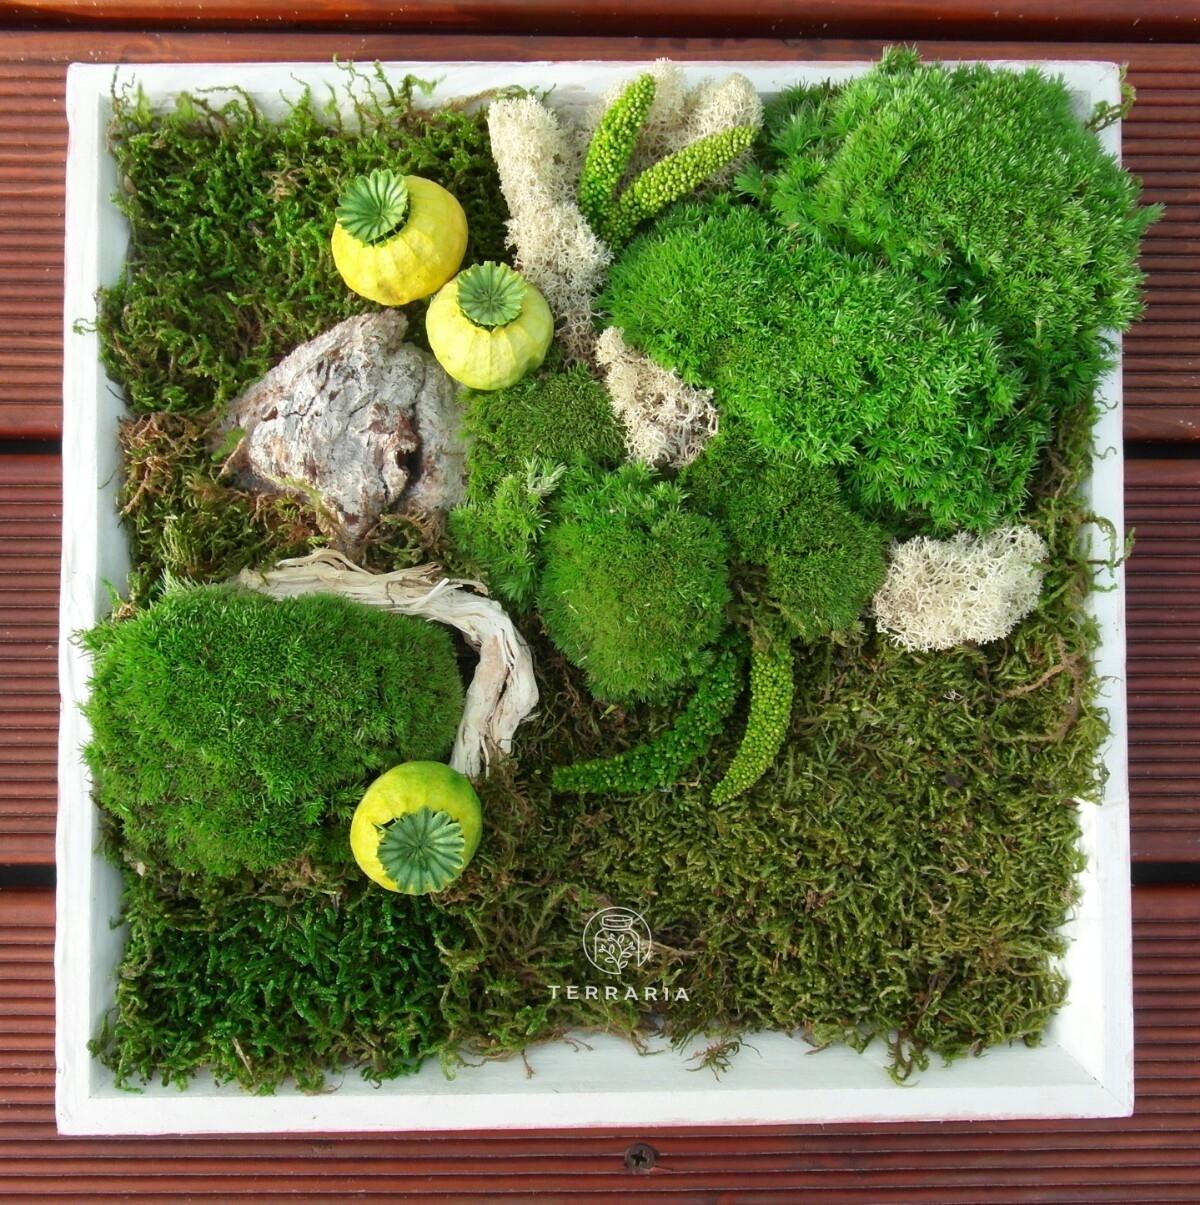 Terraria.  Bucurie Vie  (@terrariaplants) Cover Image